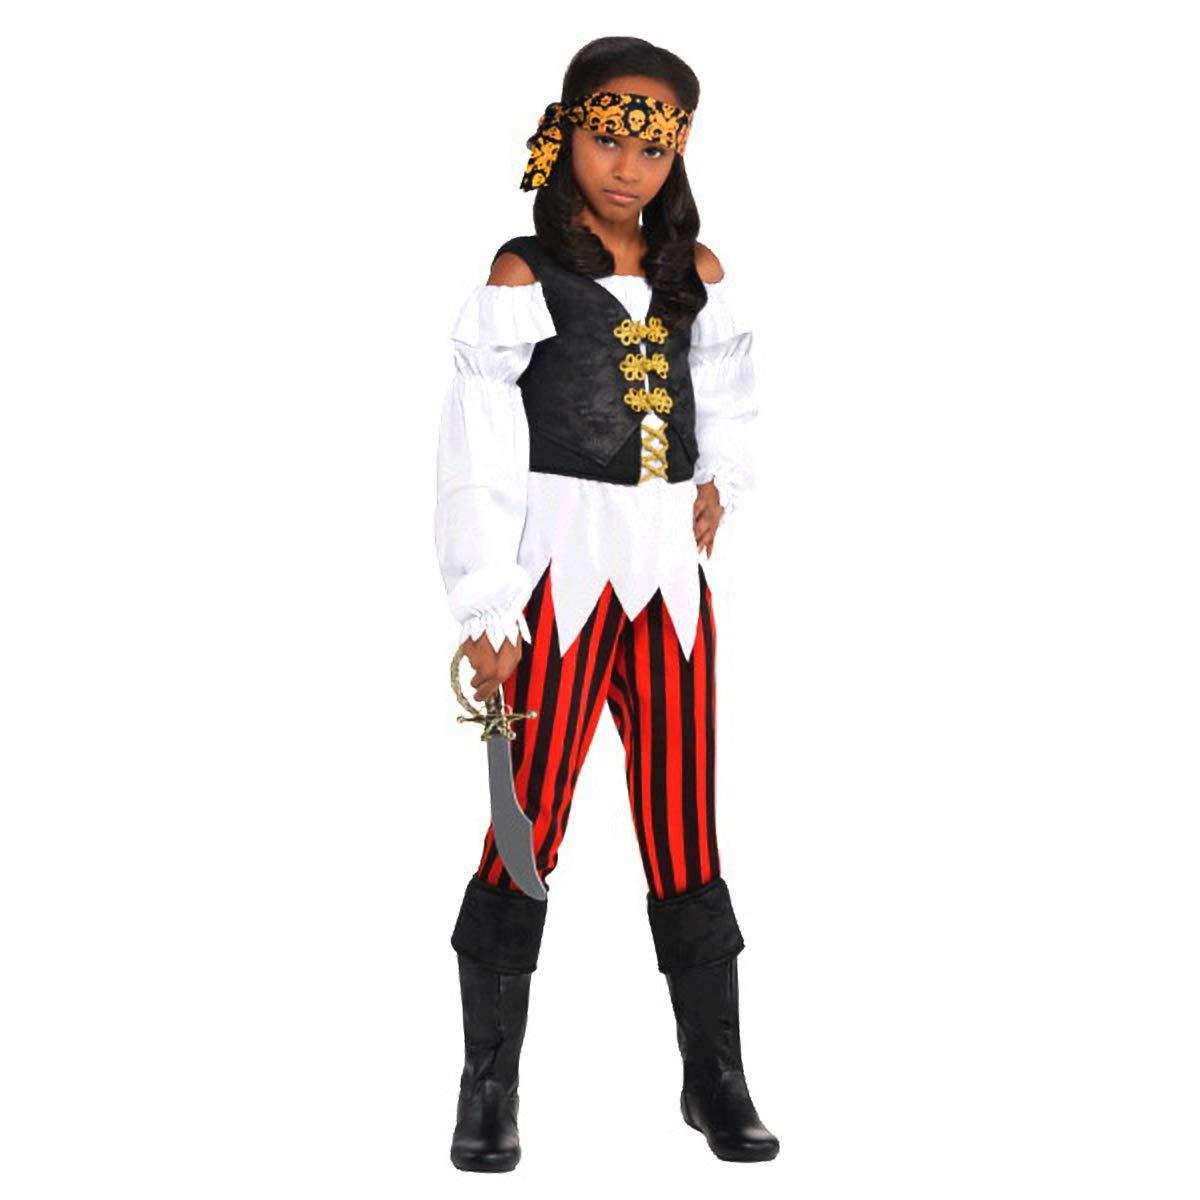 848096 TradeMart Inc 4-6 Amscan Pirate Costume Small Pretty Scoundrel